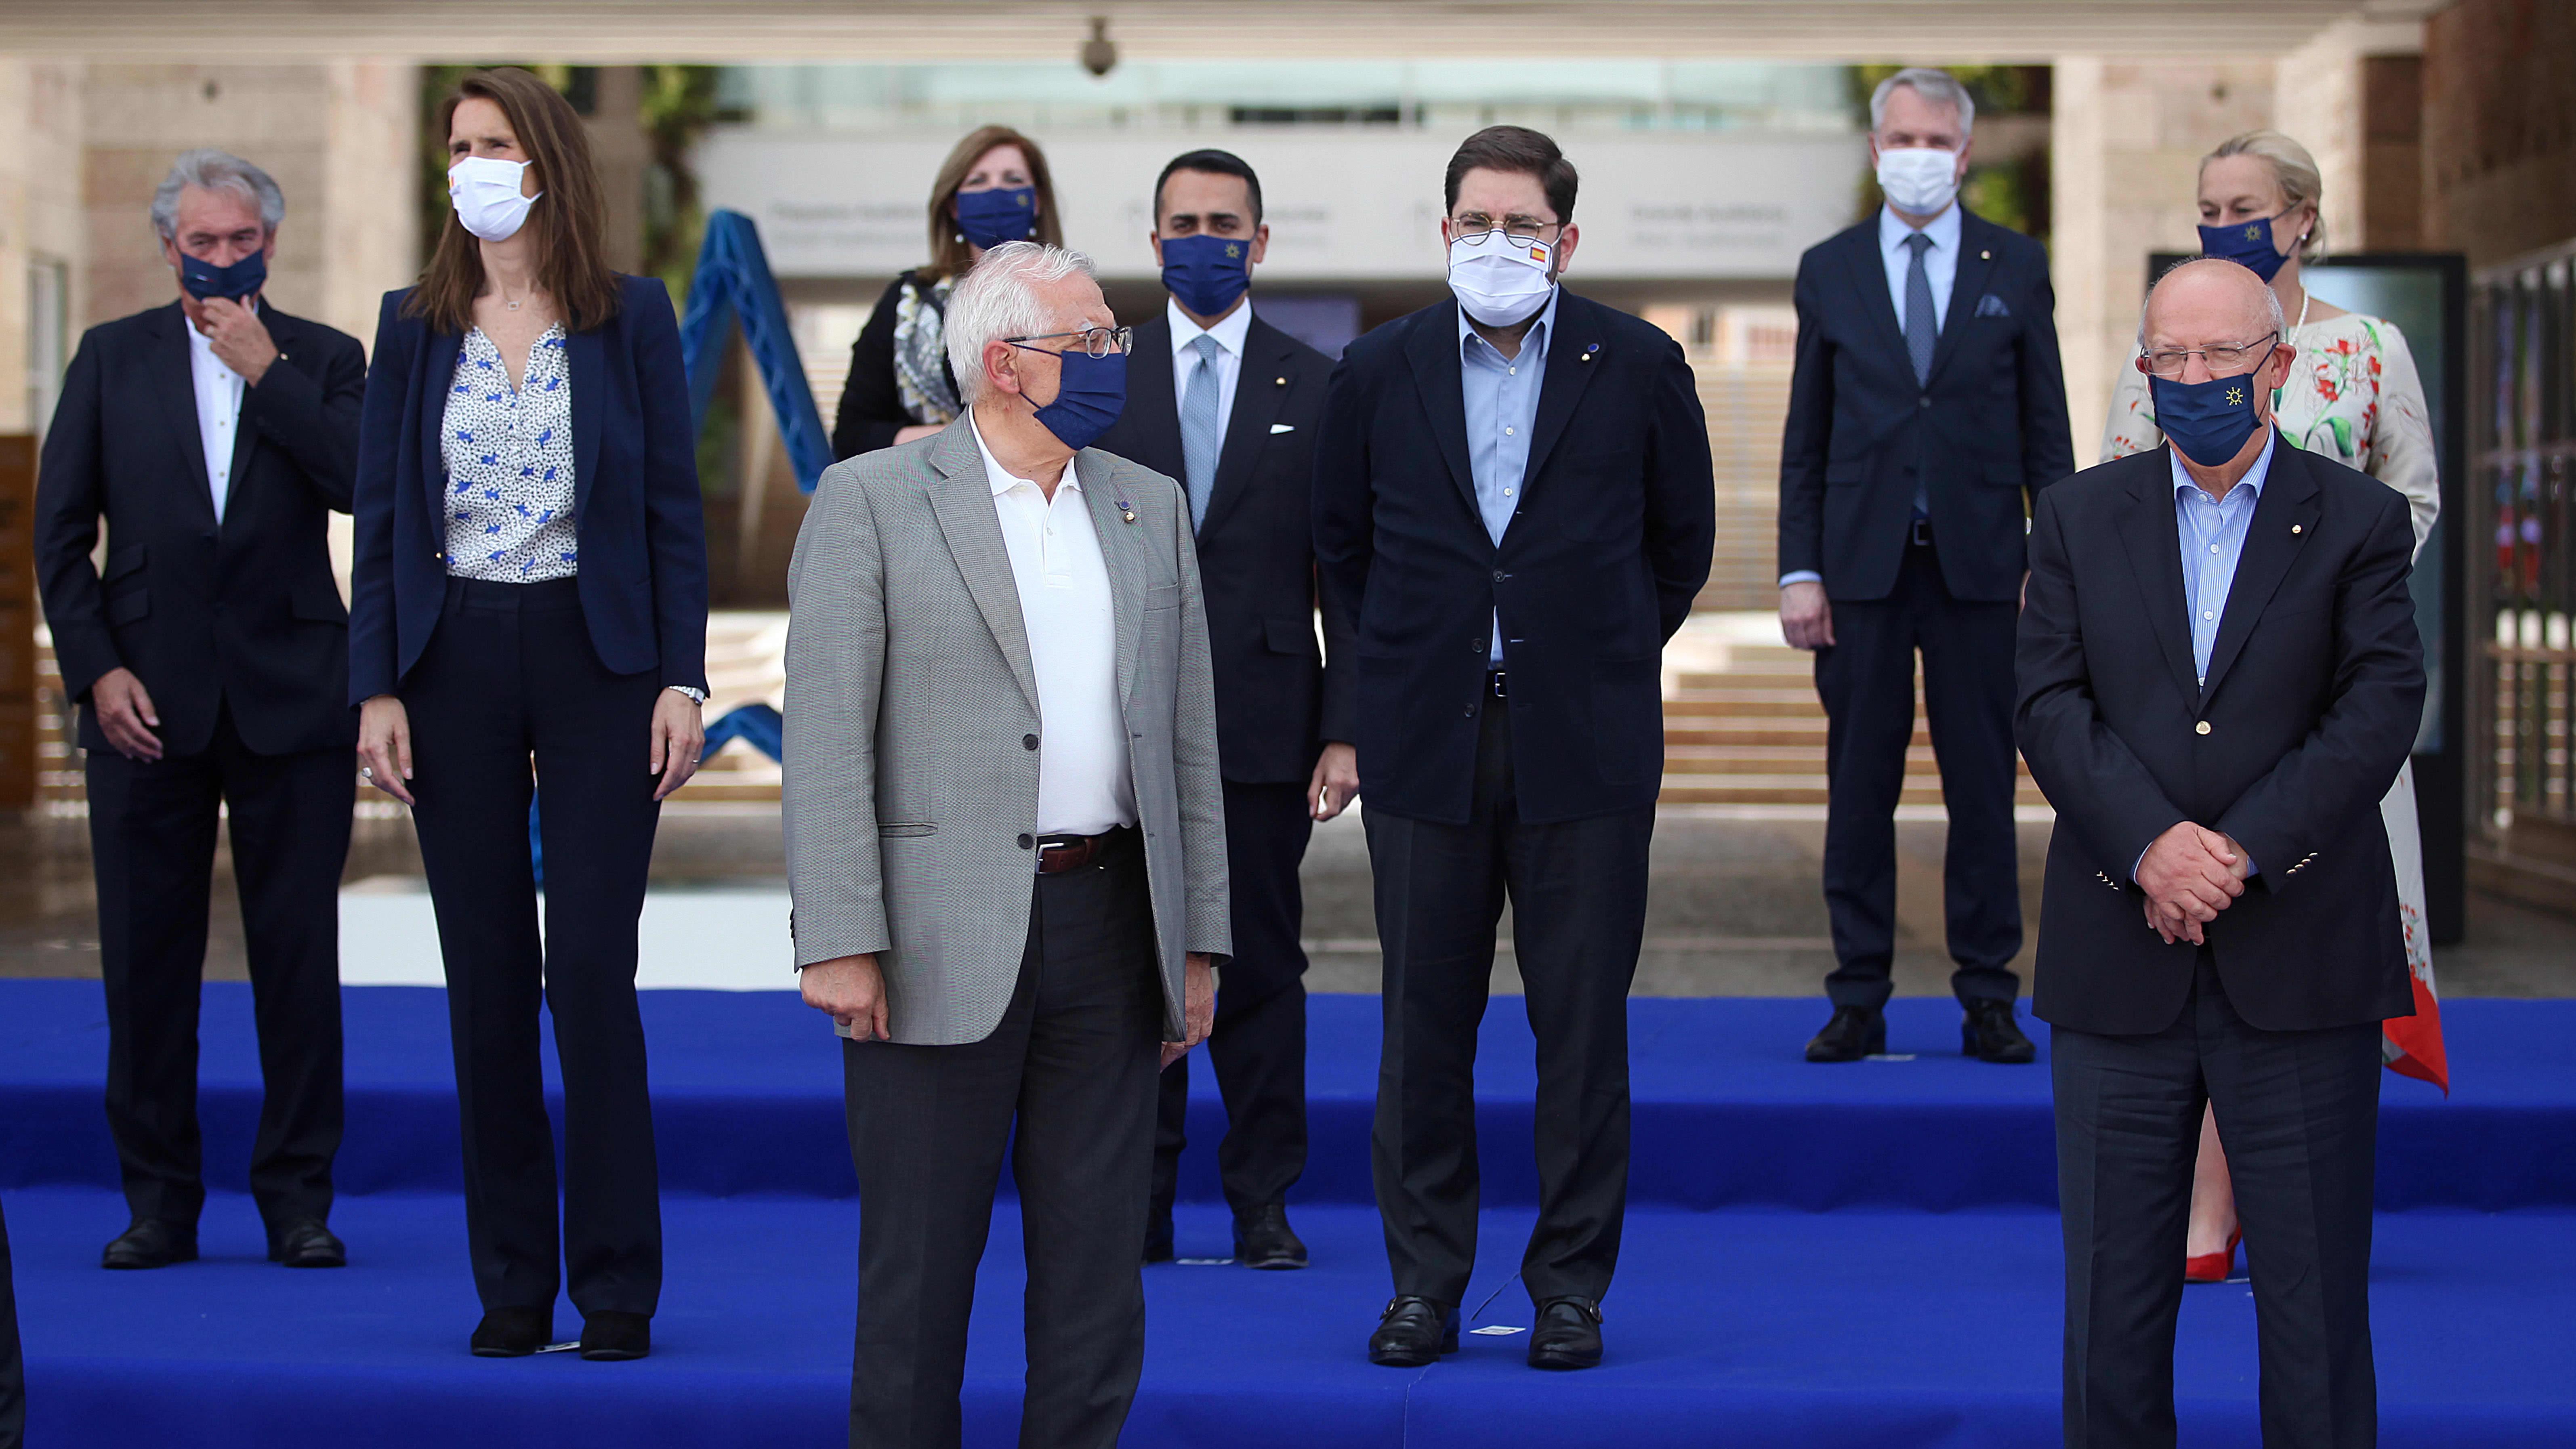 EU:n ulkoministerit ryhmäkuvassa maskit päässä Lissabonissa Portugalissa 27. toukokuuta.